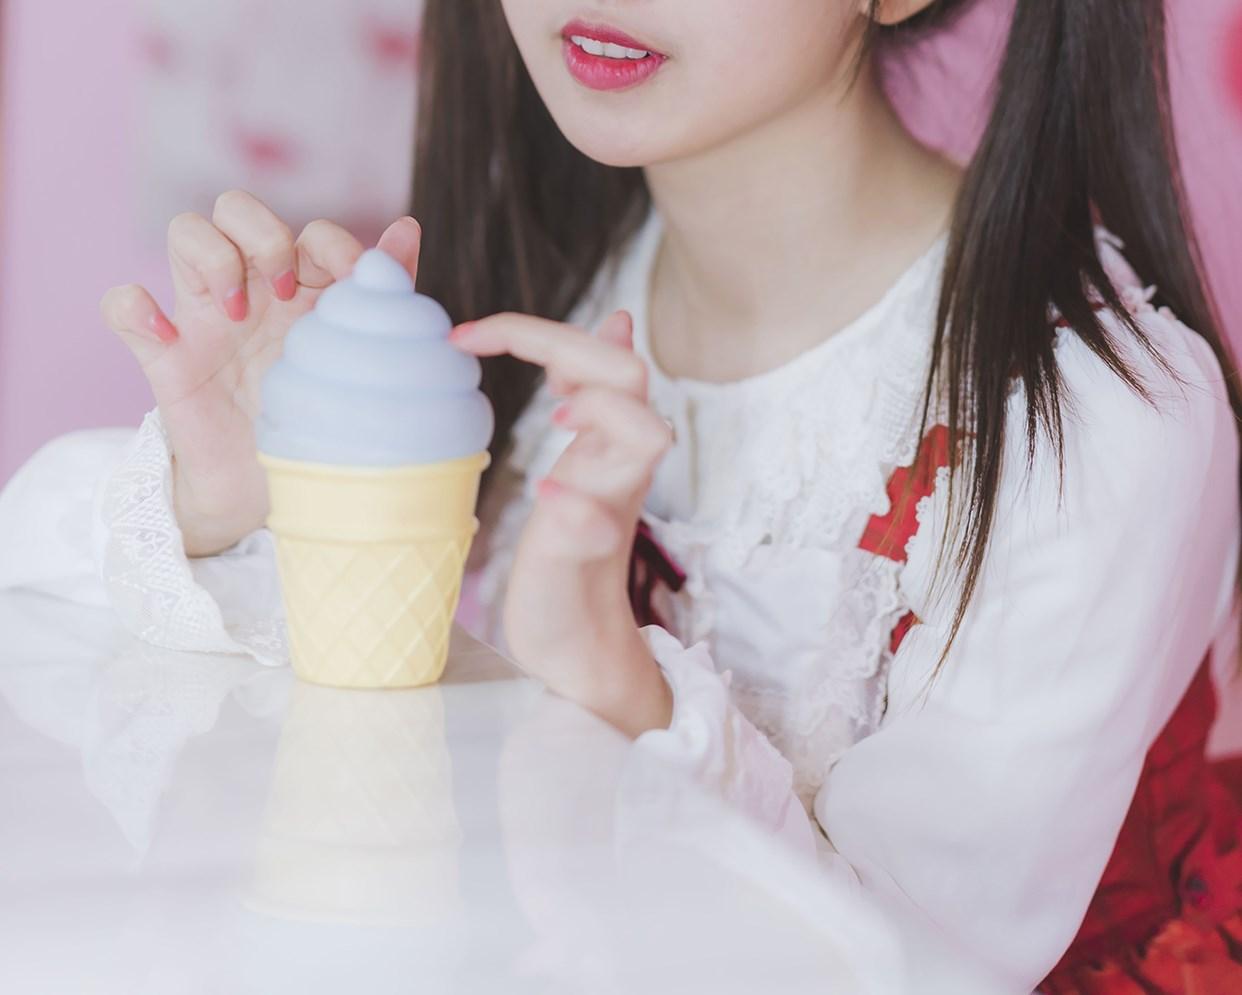 【兔玩映画】一只甜甜的小女友 兔玩映画 第30张